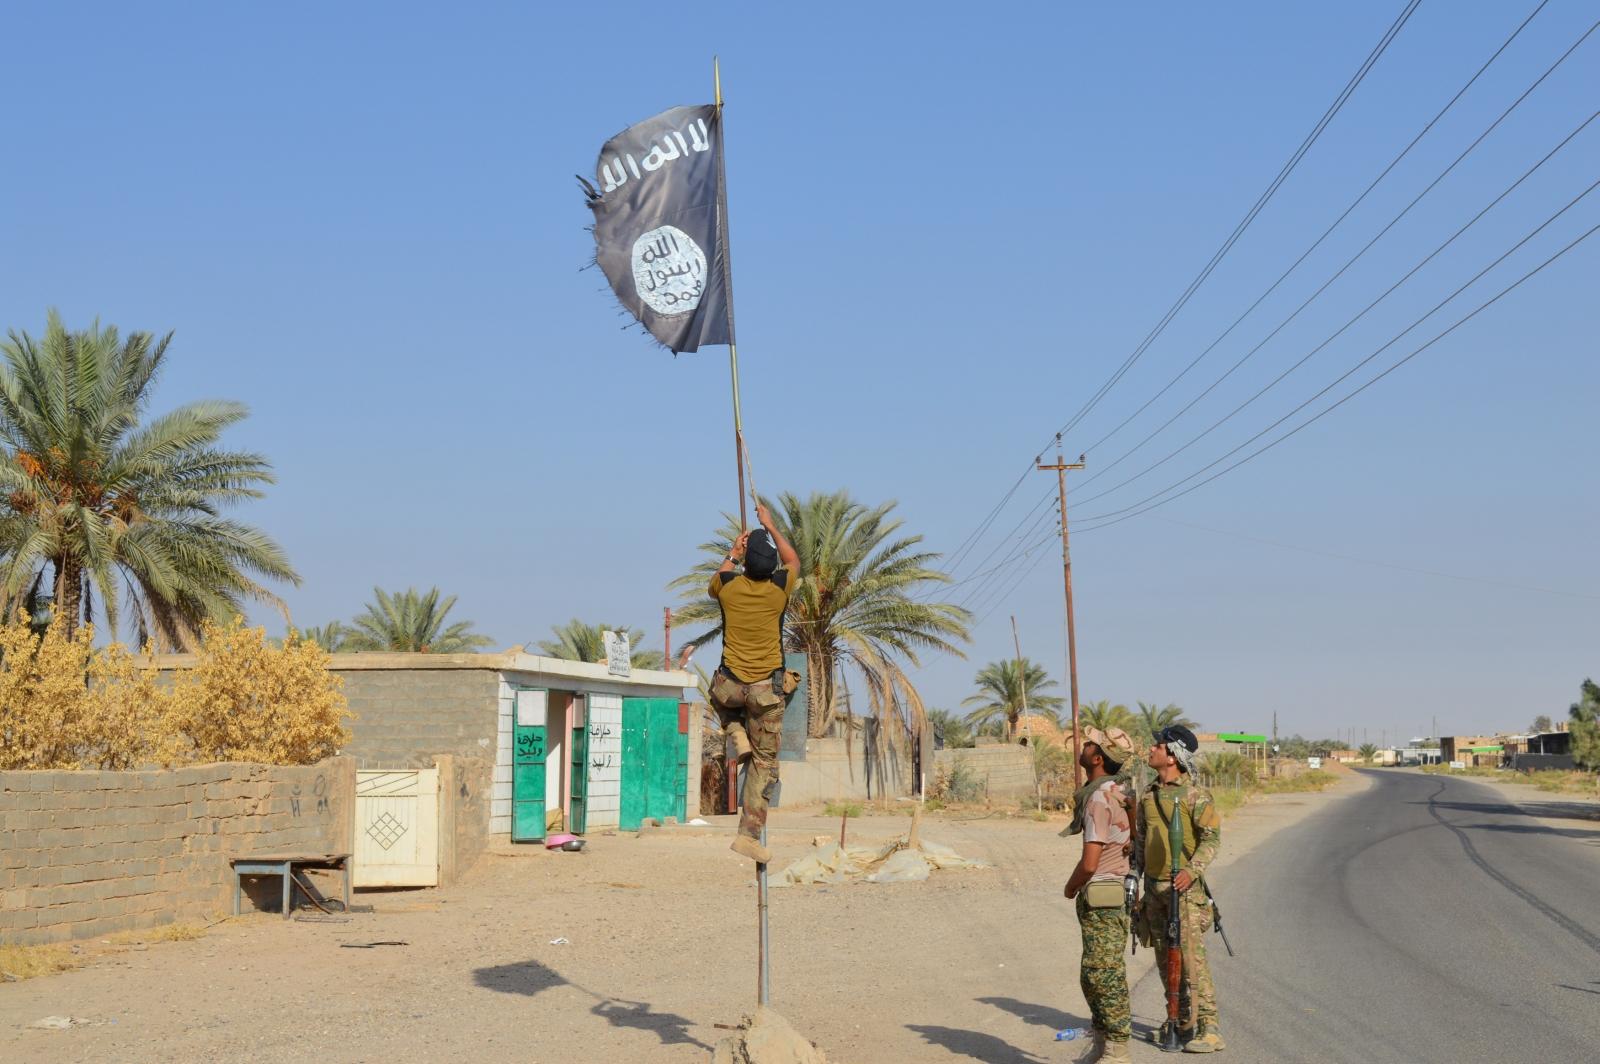 Anbar province, Iraq